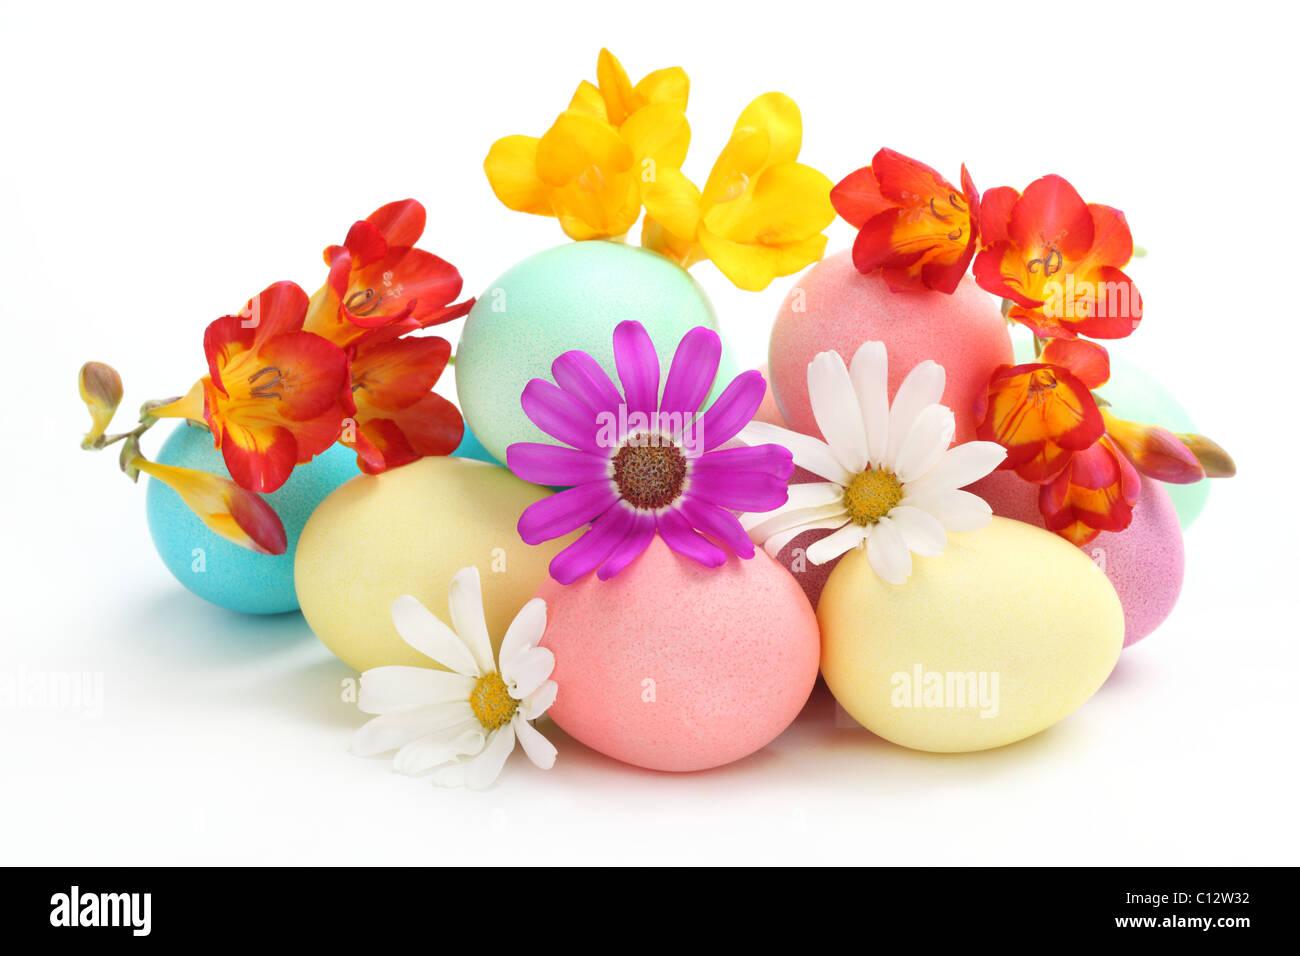 Les oeufs de Pâques colorés avec des fleurs de printemps sur fond blanc Photo Stock